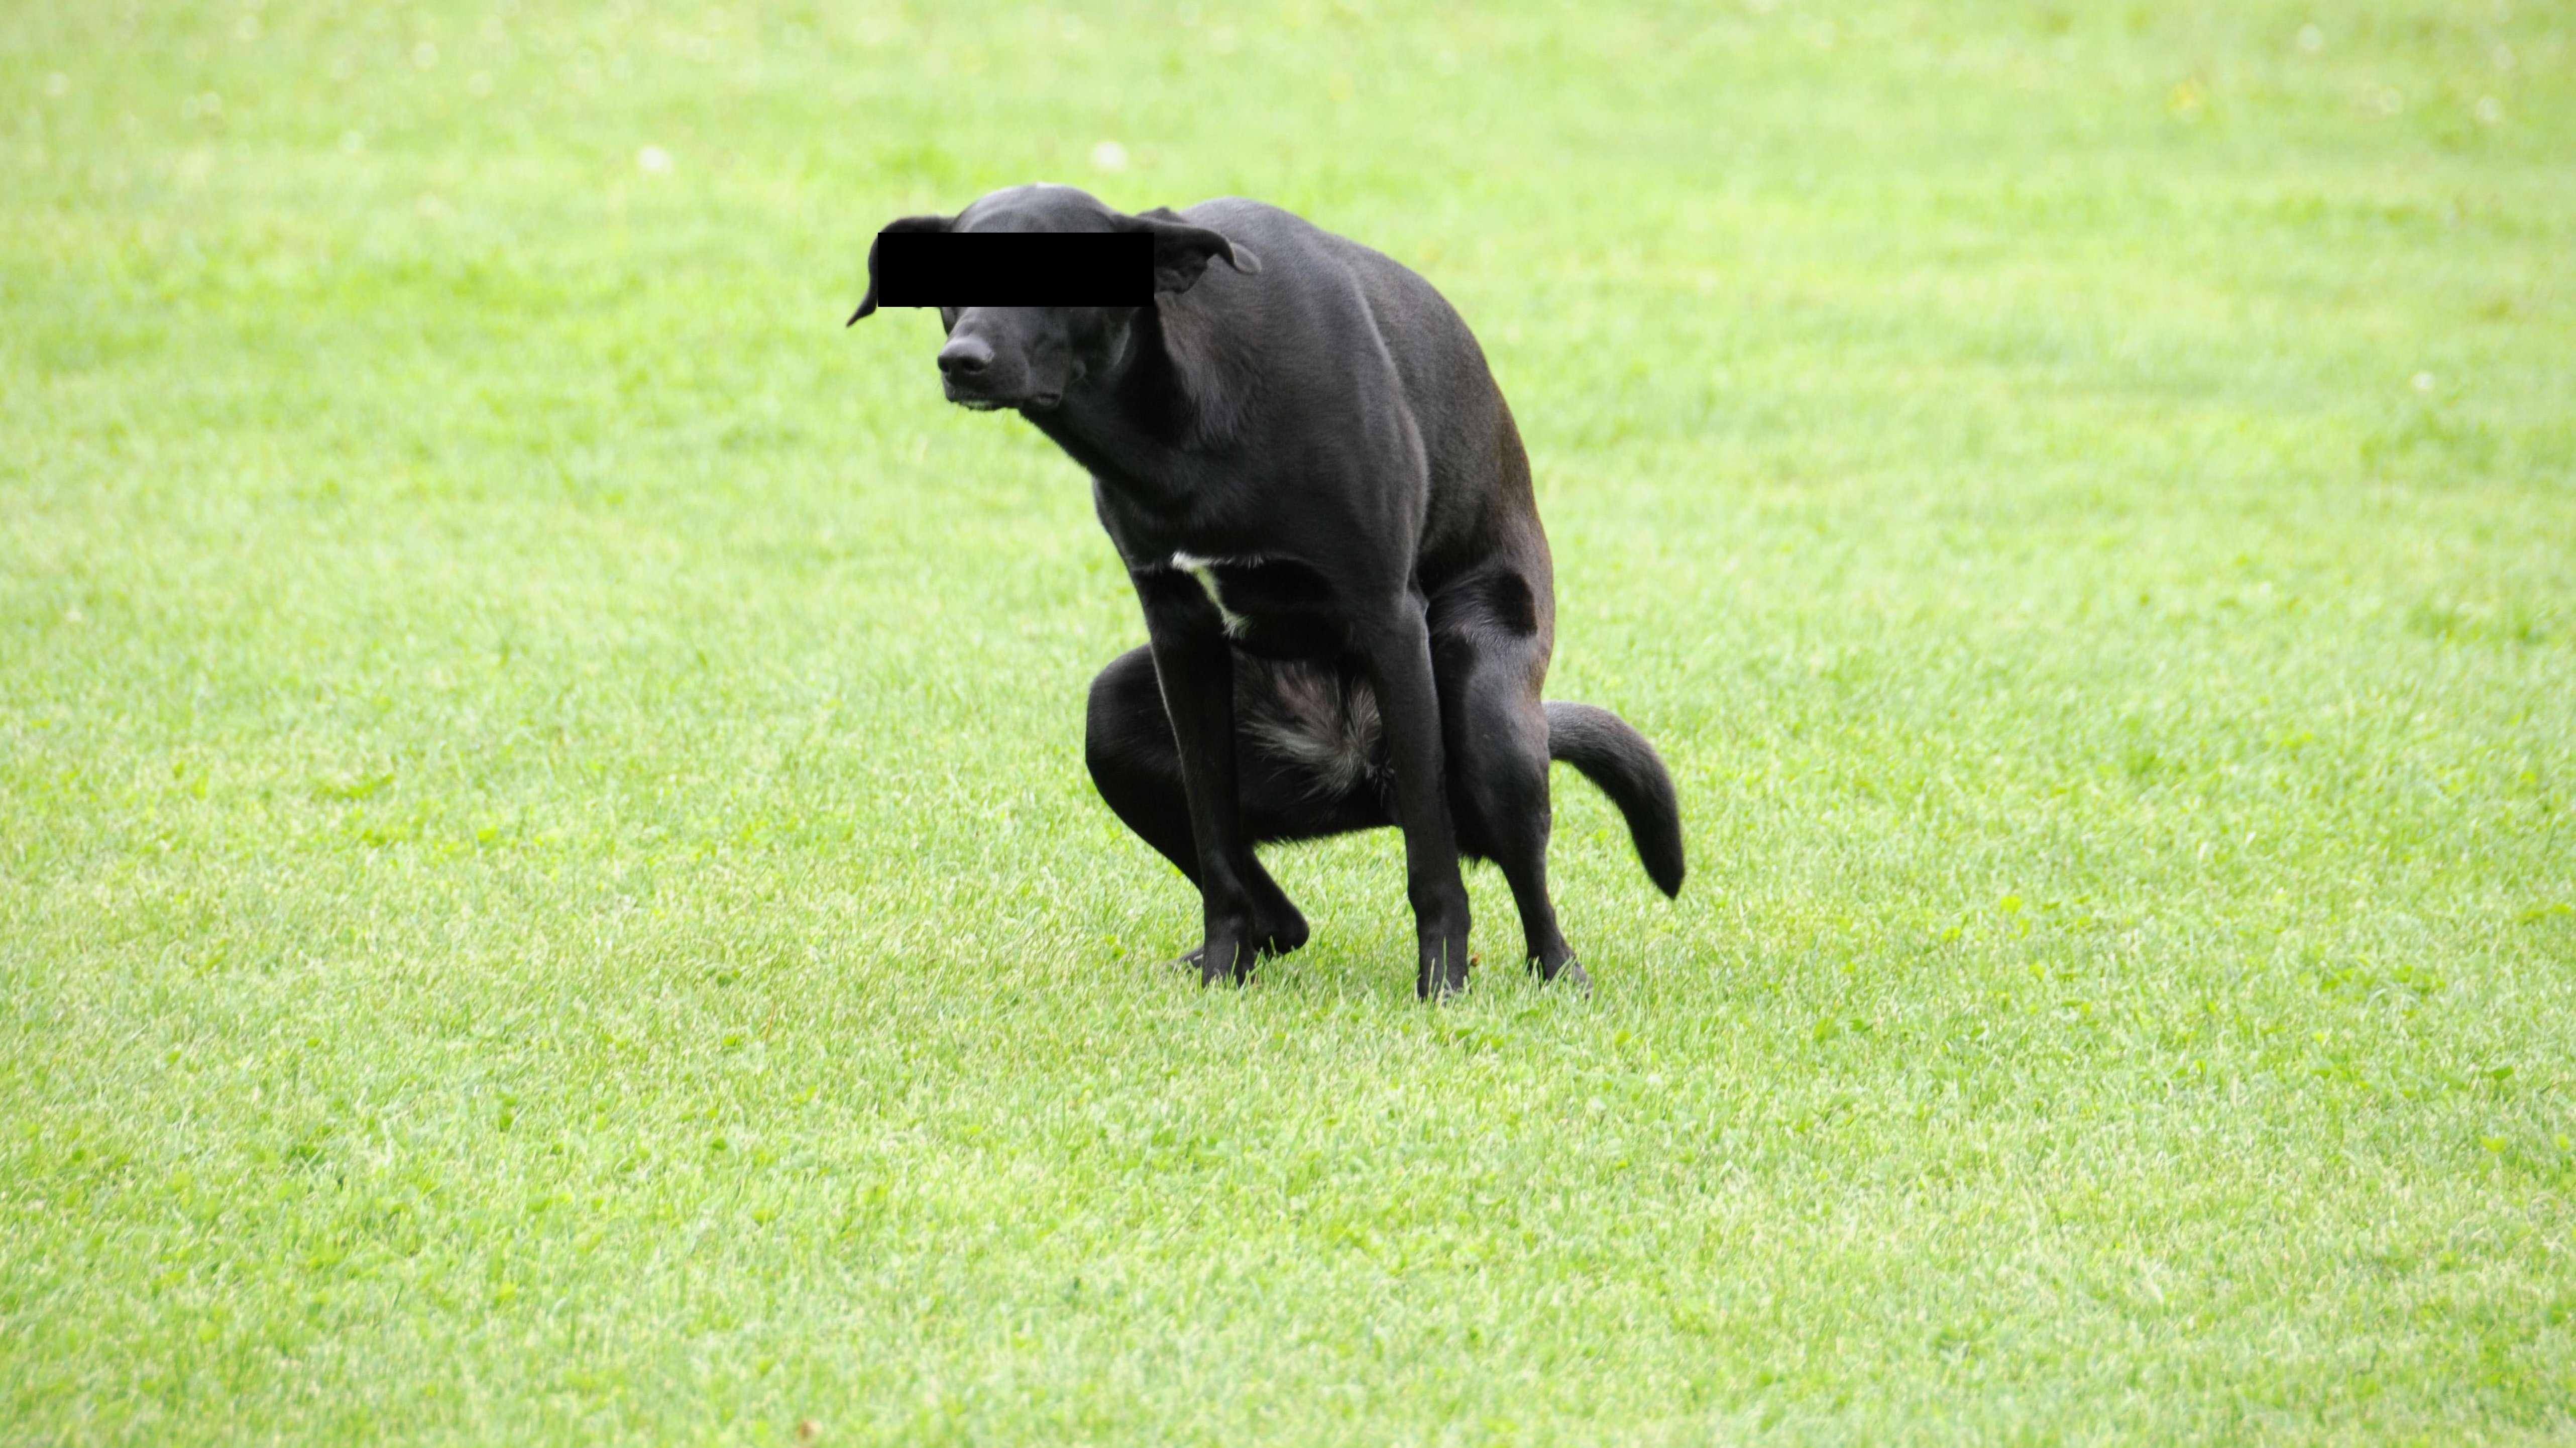 Hund macht großes Geschäft auf einer Wiese.